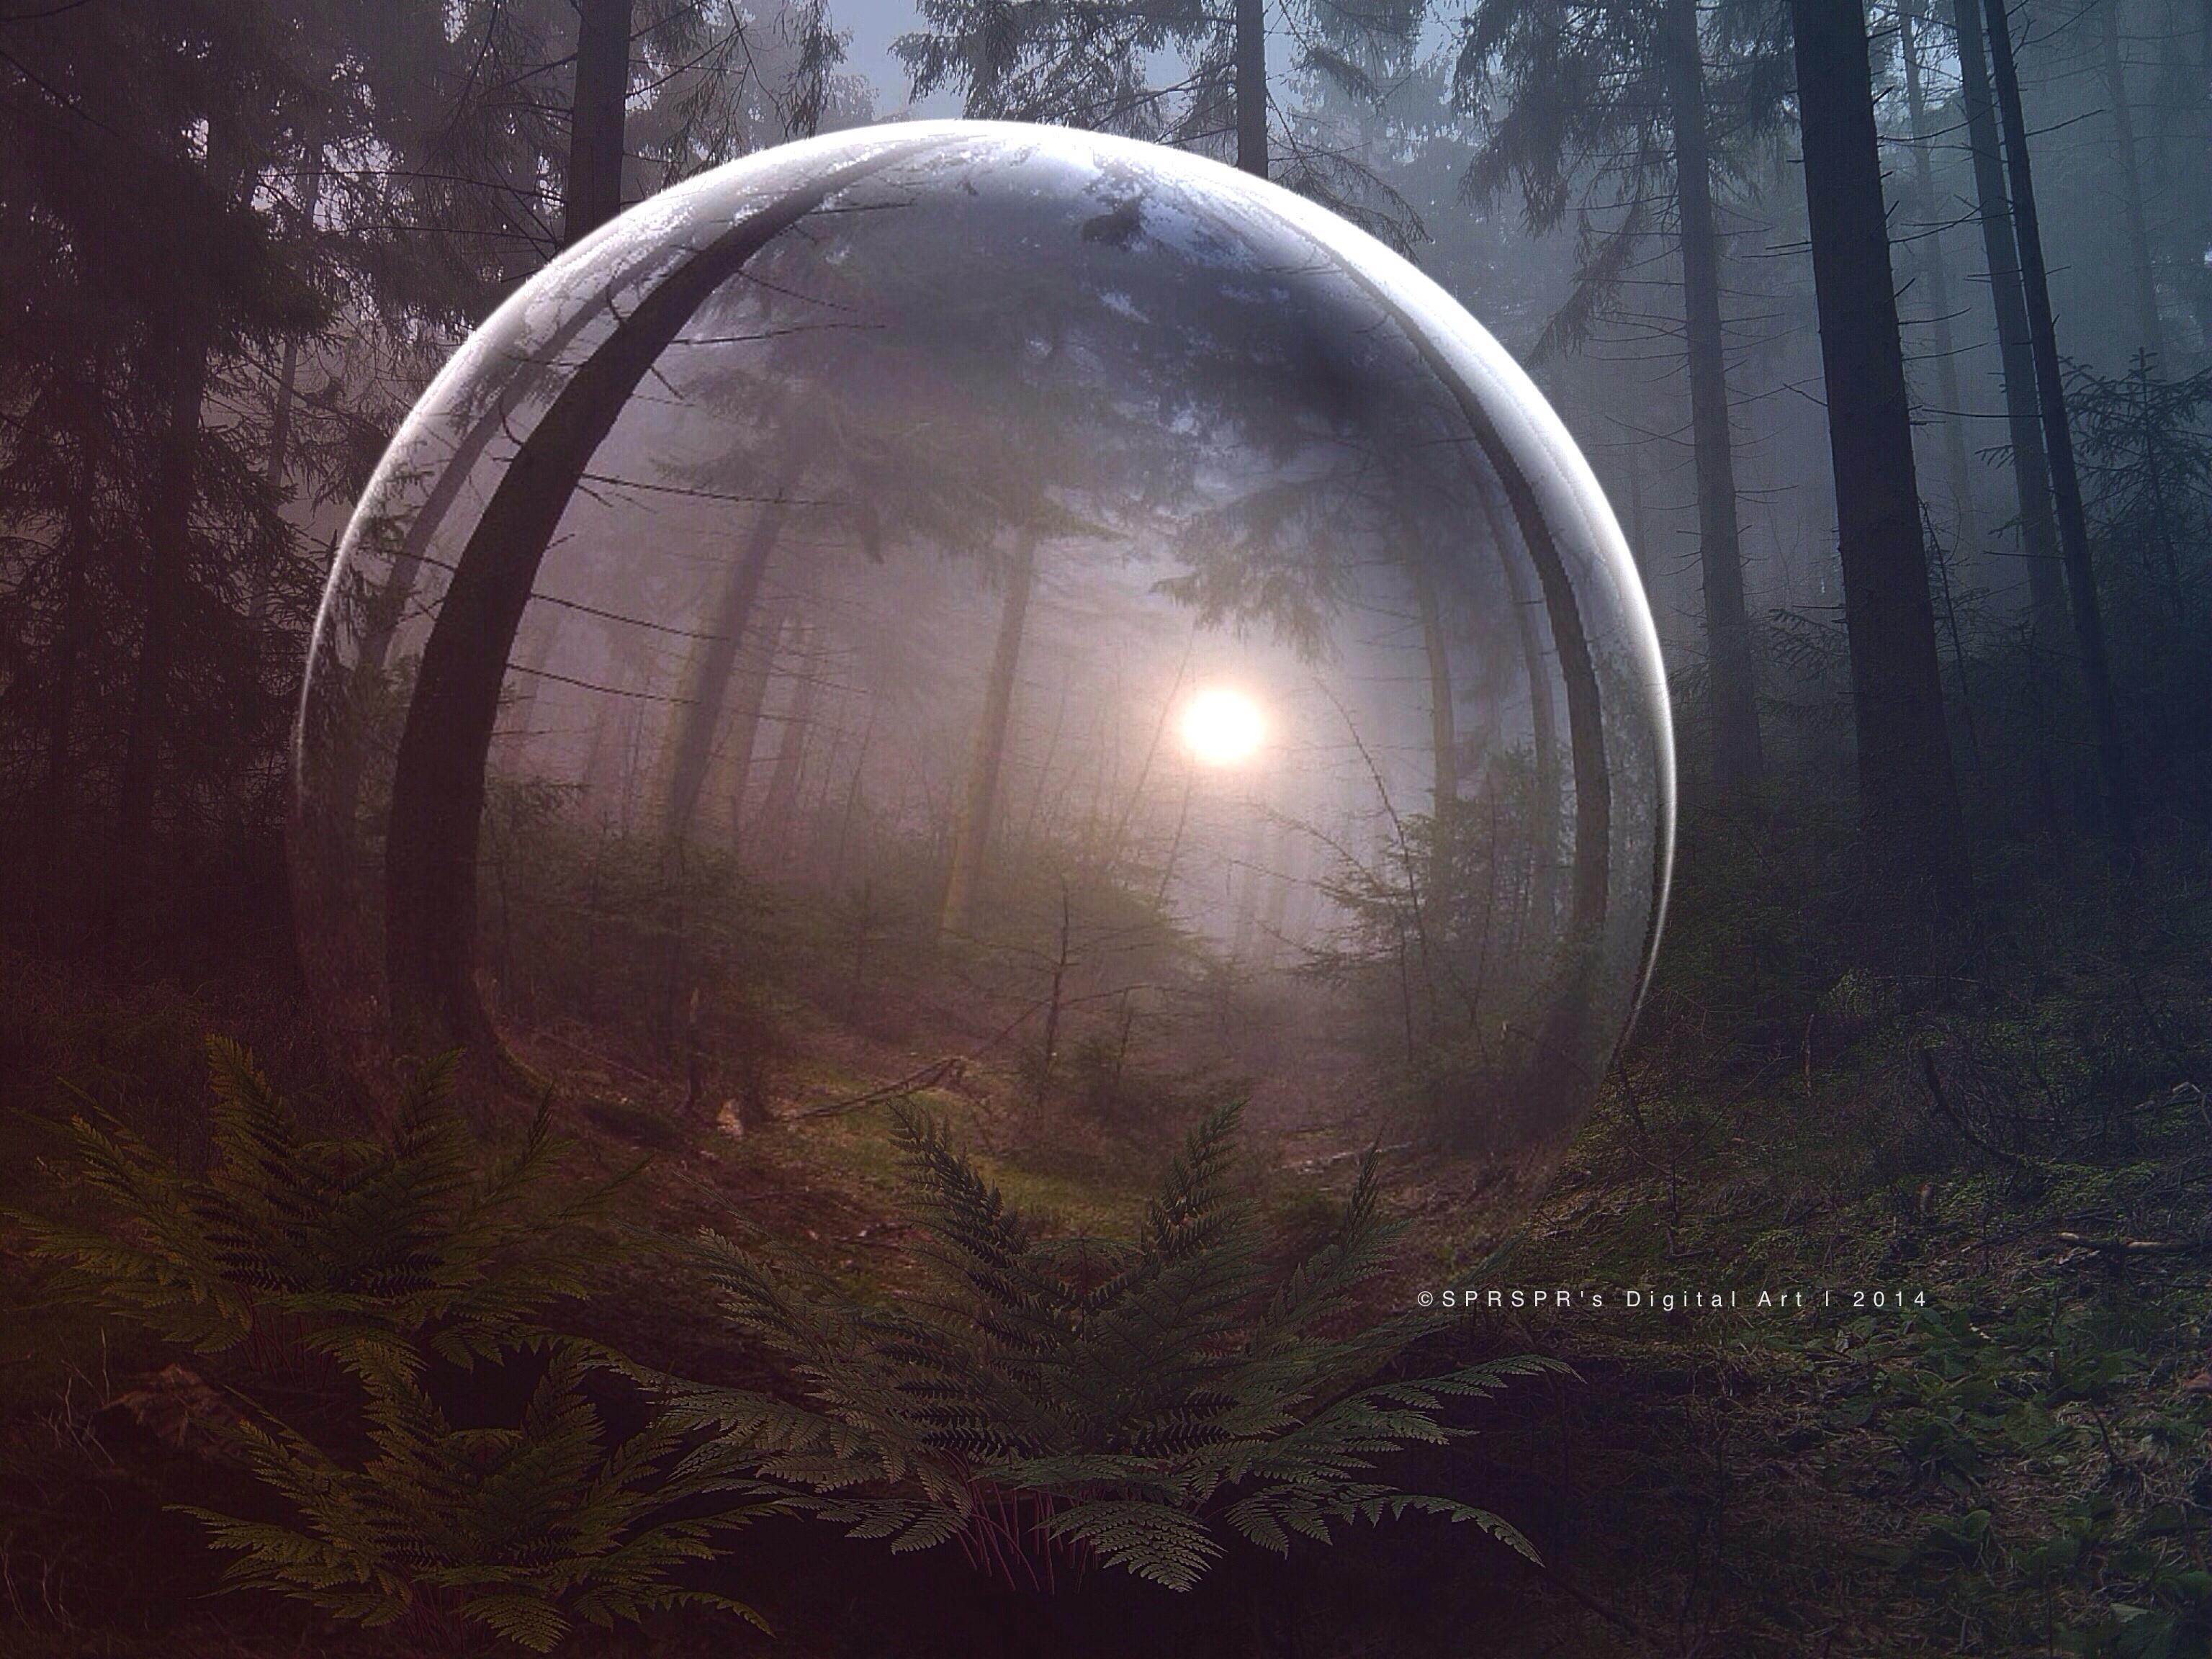 Something strange in the Forest by SPRSPRsDigitalArt